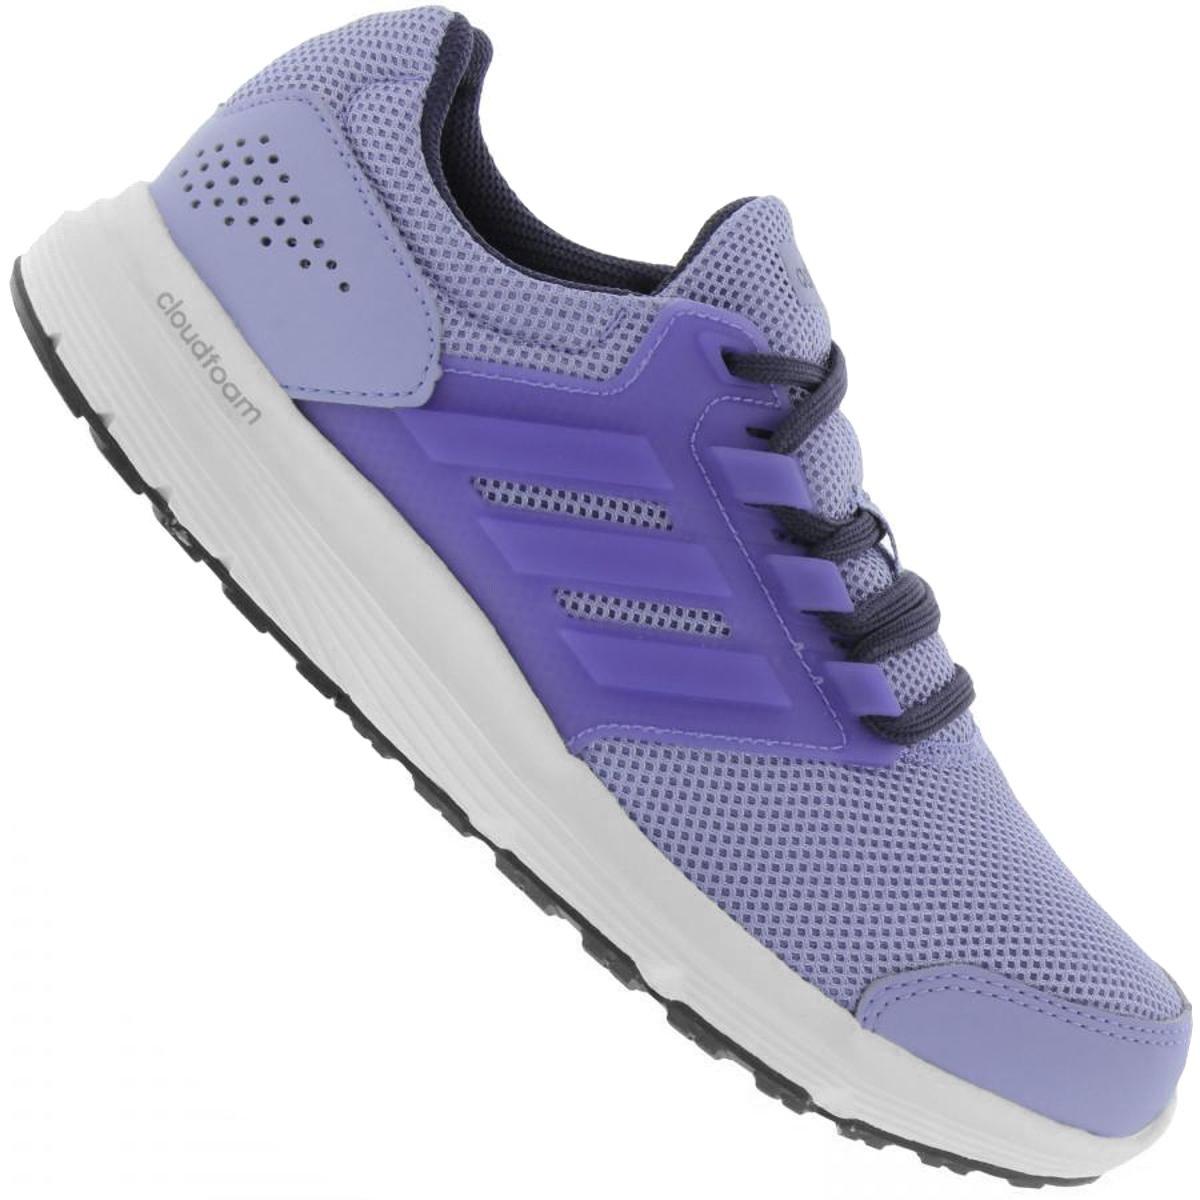 a83bf3ce5d2 Tênis Adidas Galaxy 4 Feminino - Azul - Compre Agora